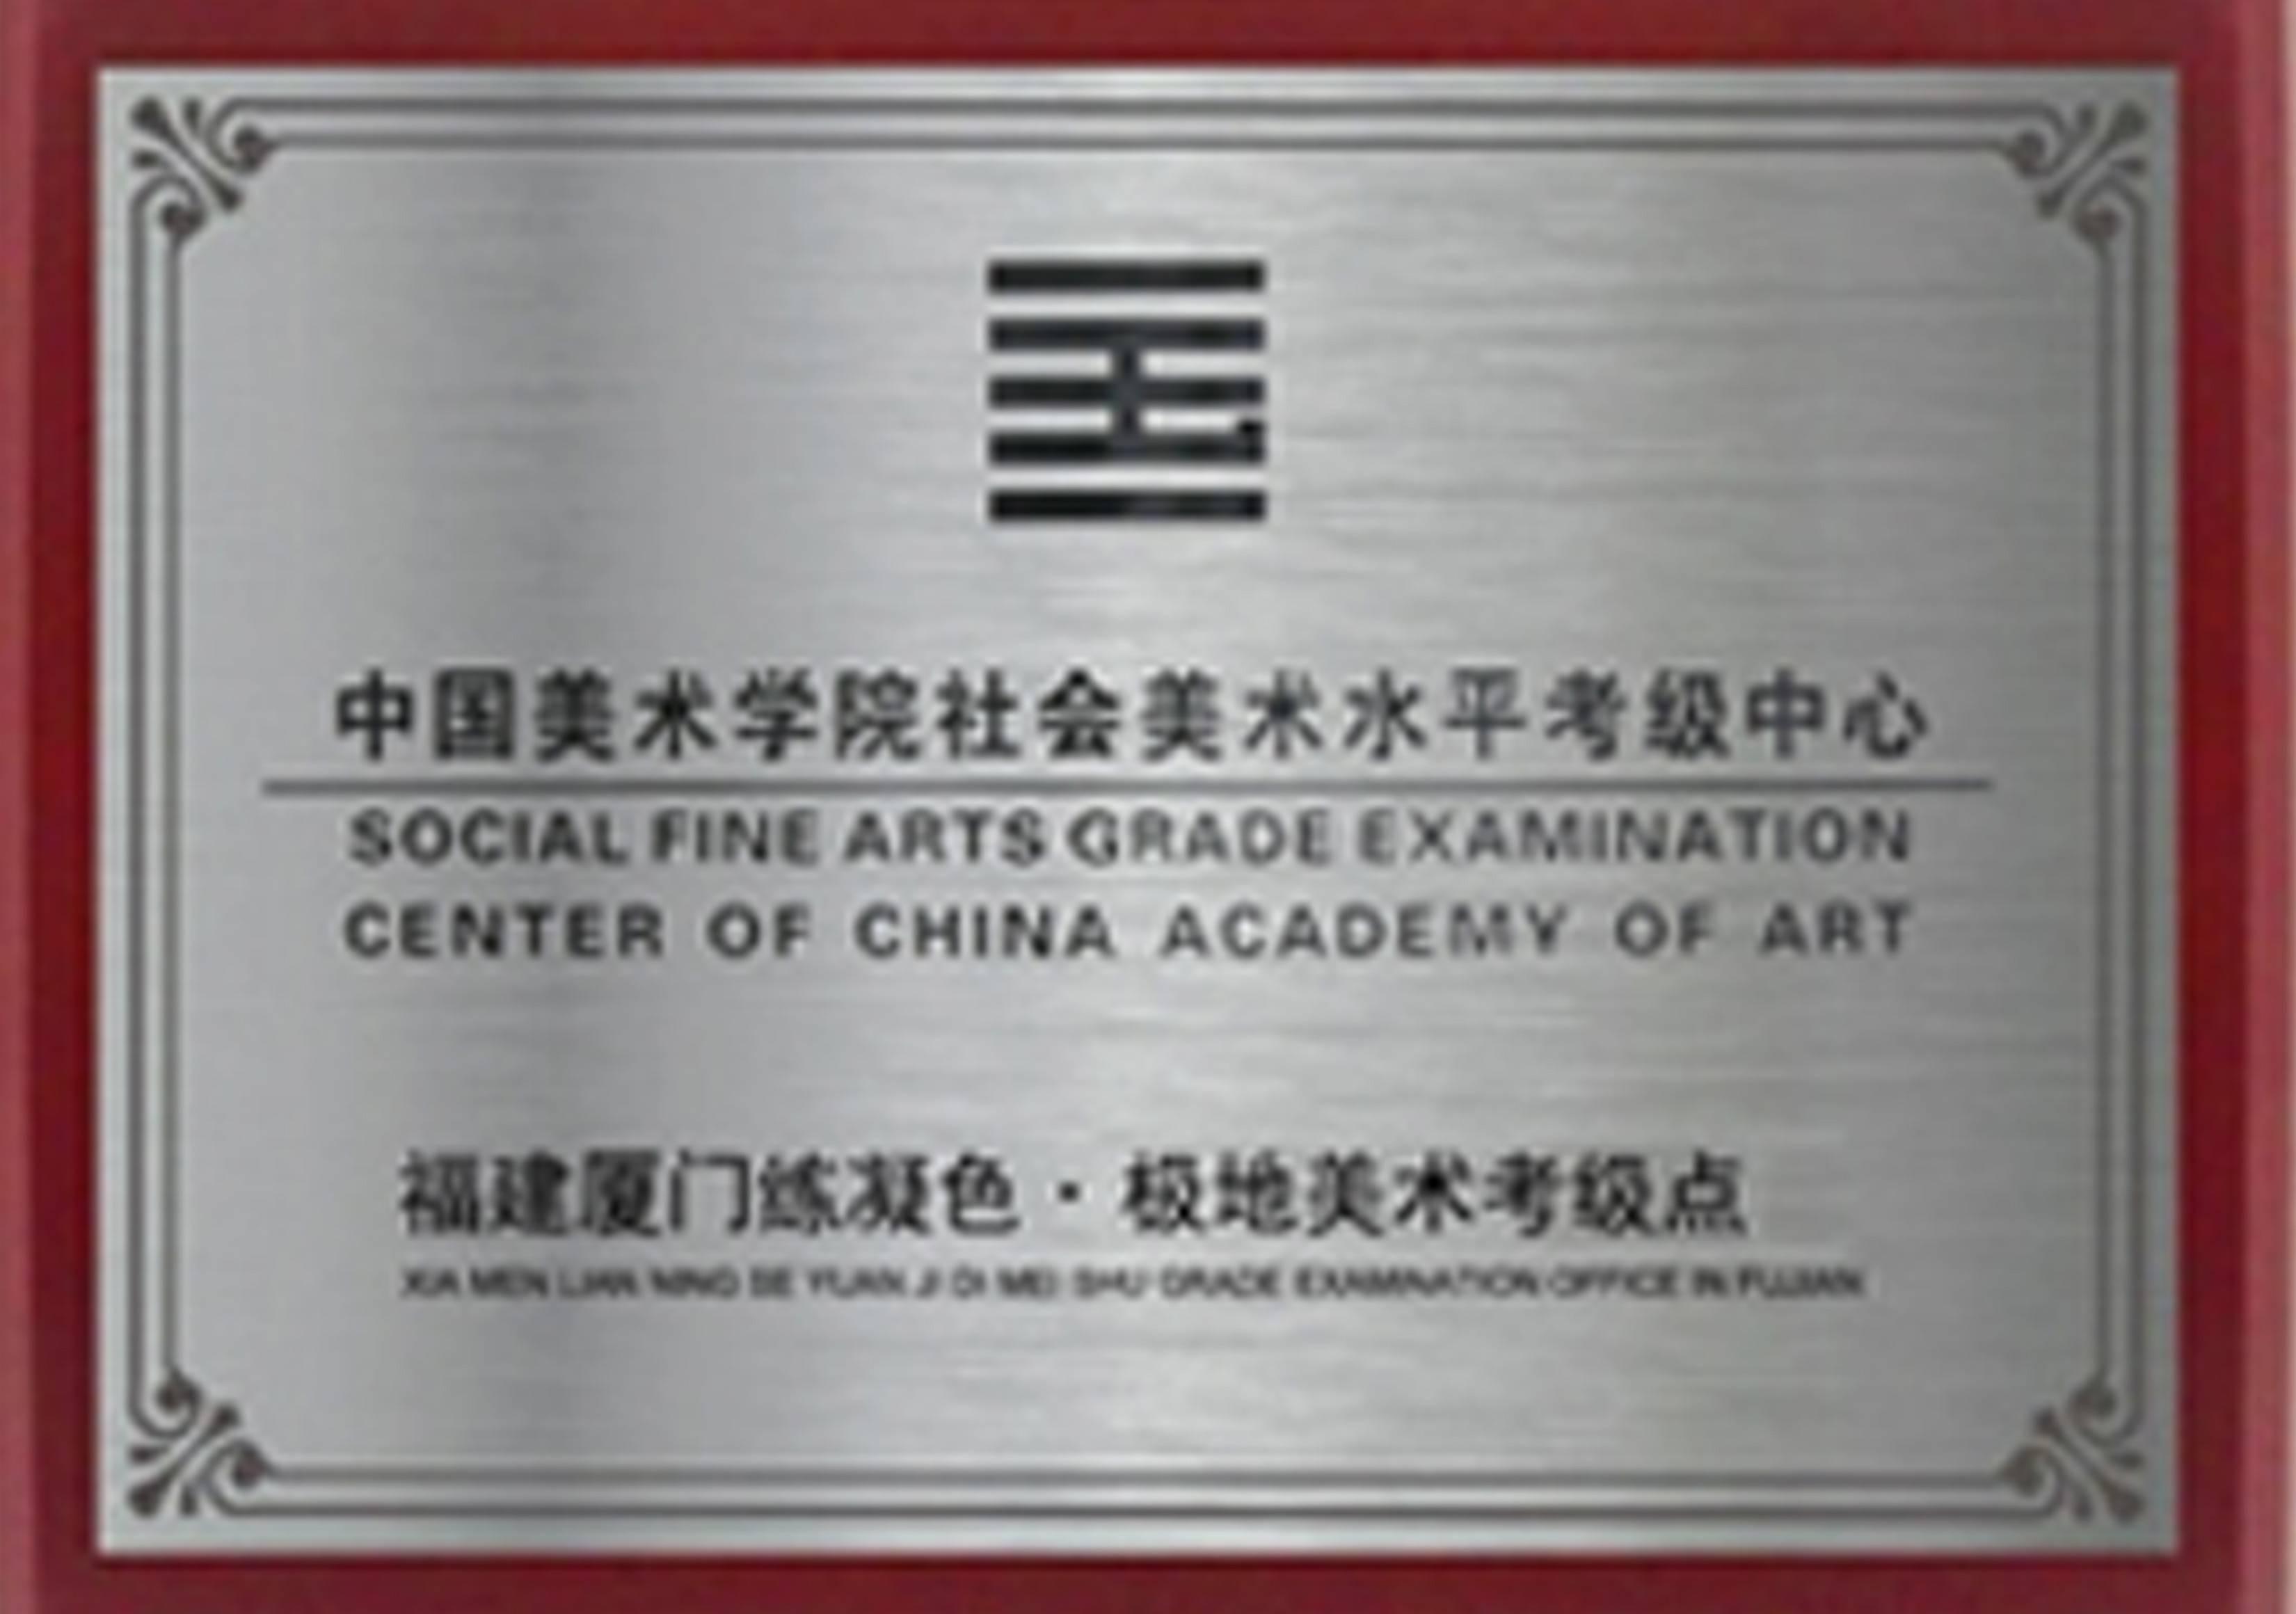 练凝色极地美术荣获中国美术学院社会美术水平考级中心